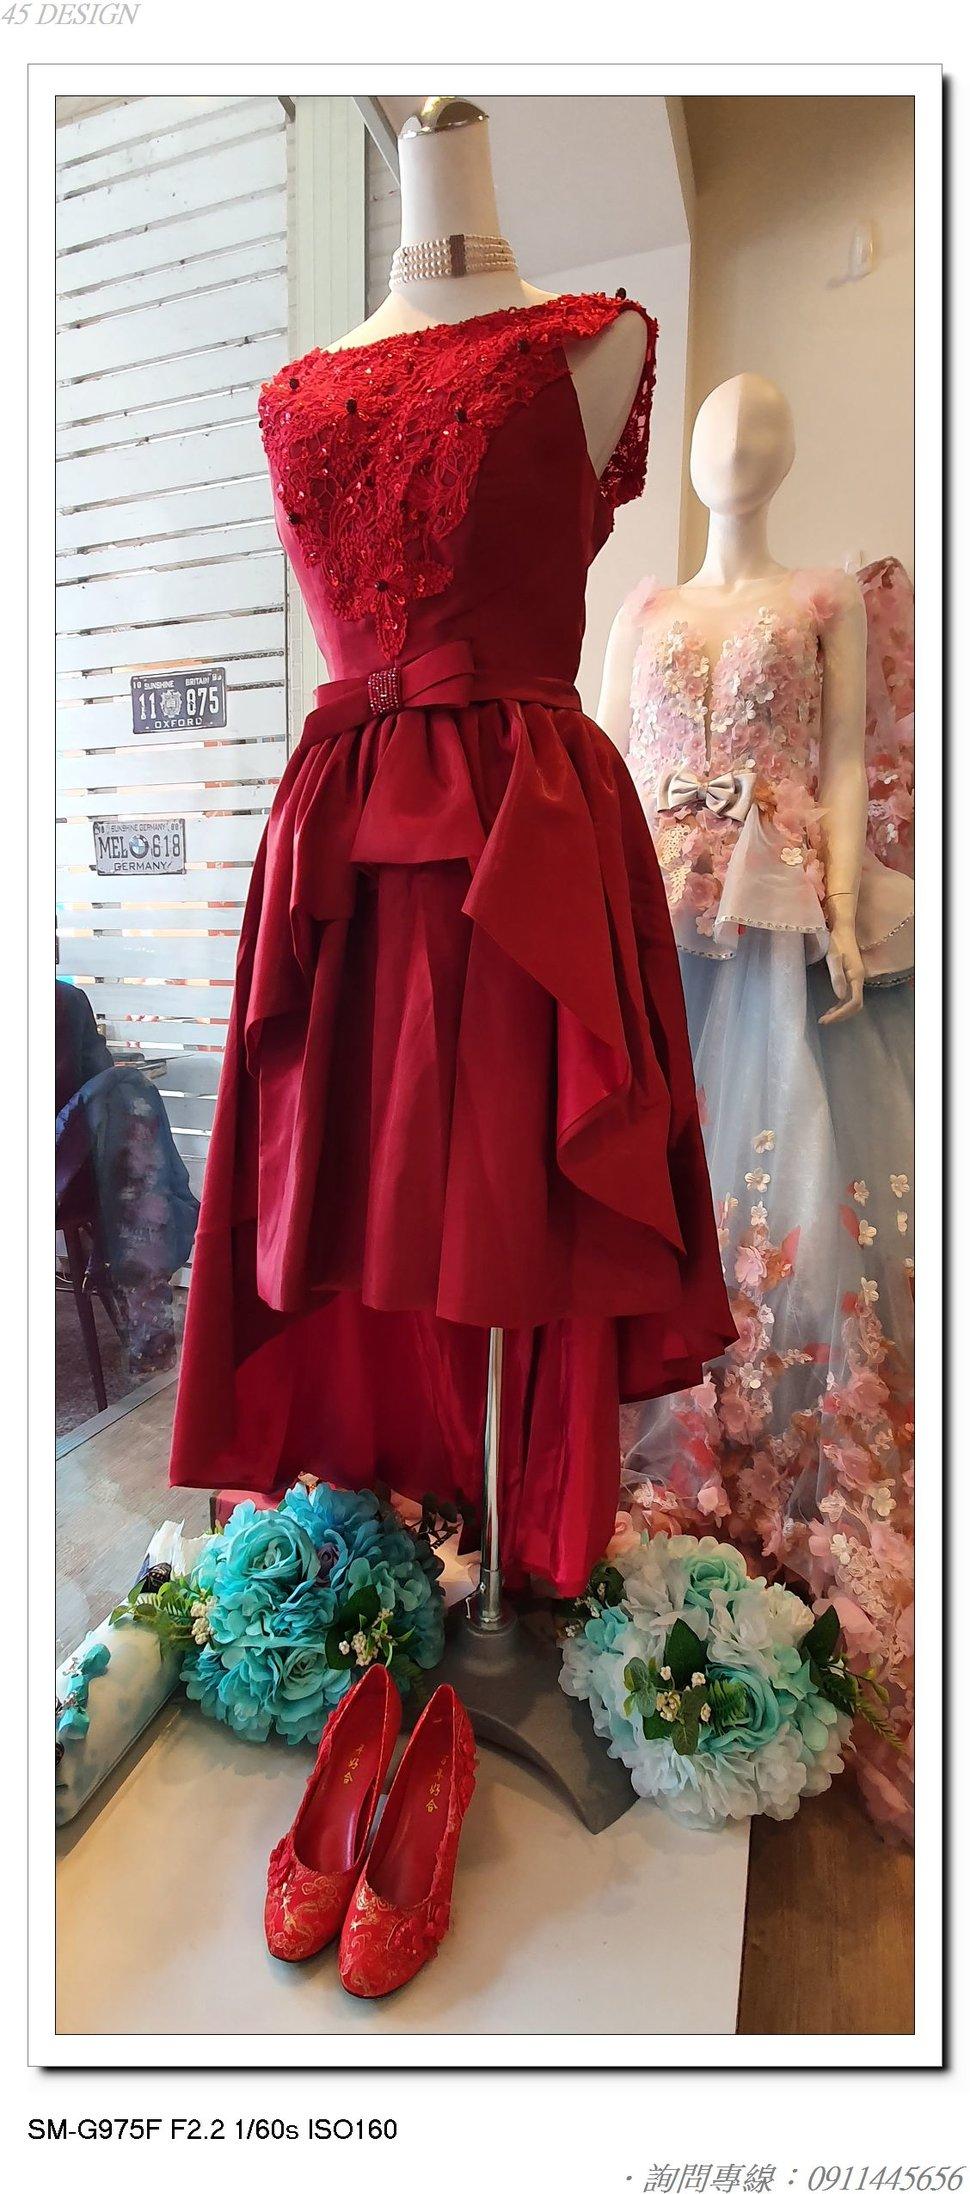 20200210_102719 - 全台最便宜-45DESIGN四五婚紗禮服《結婚吧》